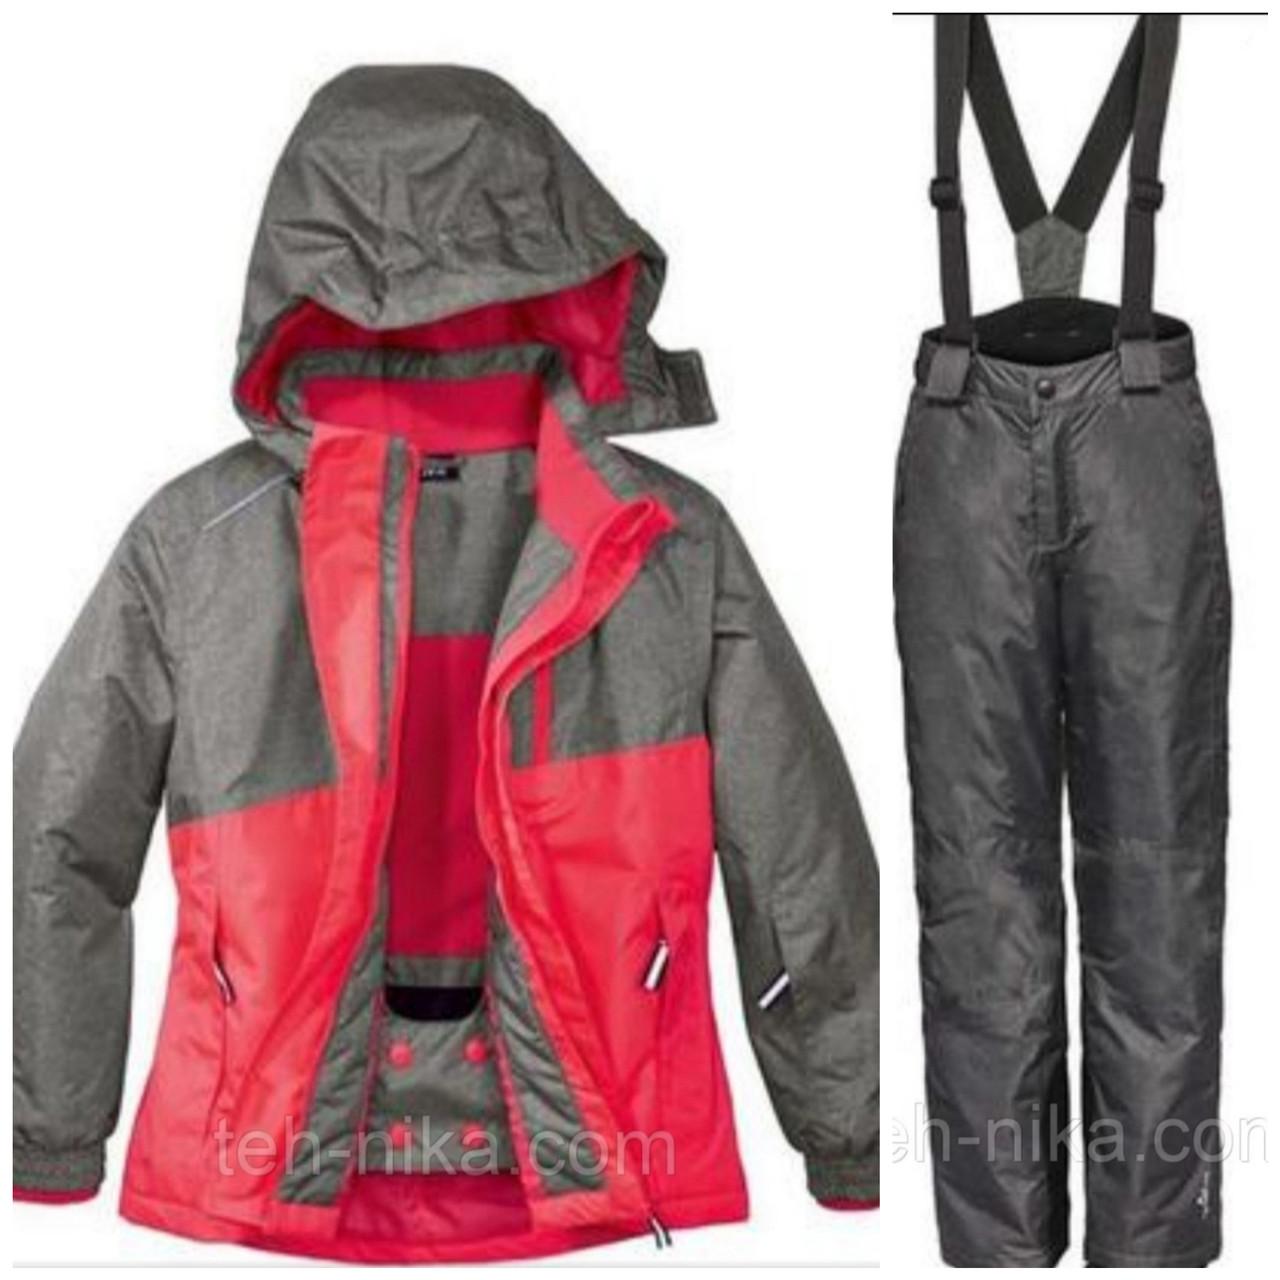 Лыжный костюм для девочки (розово-серая куртка и серые меланж штаны) Crivit р.146/152см